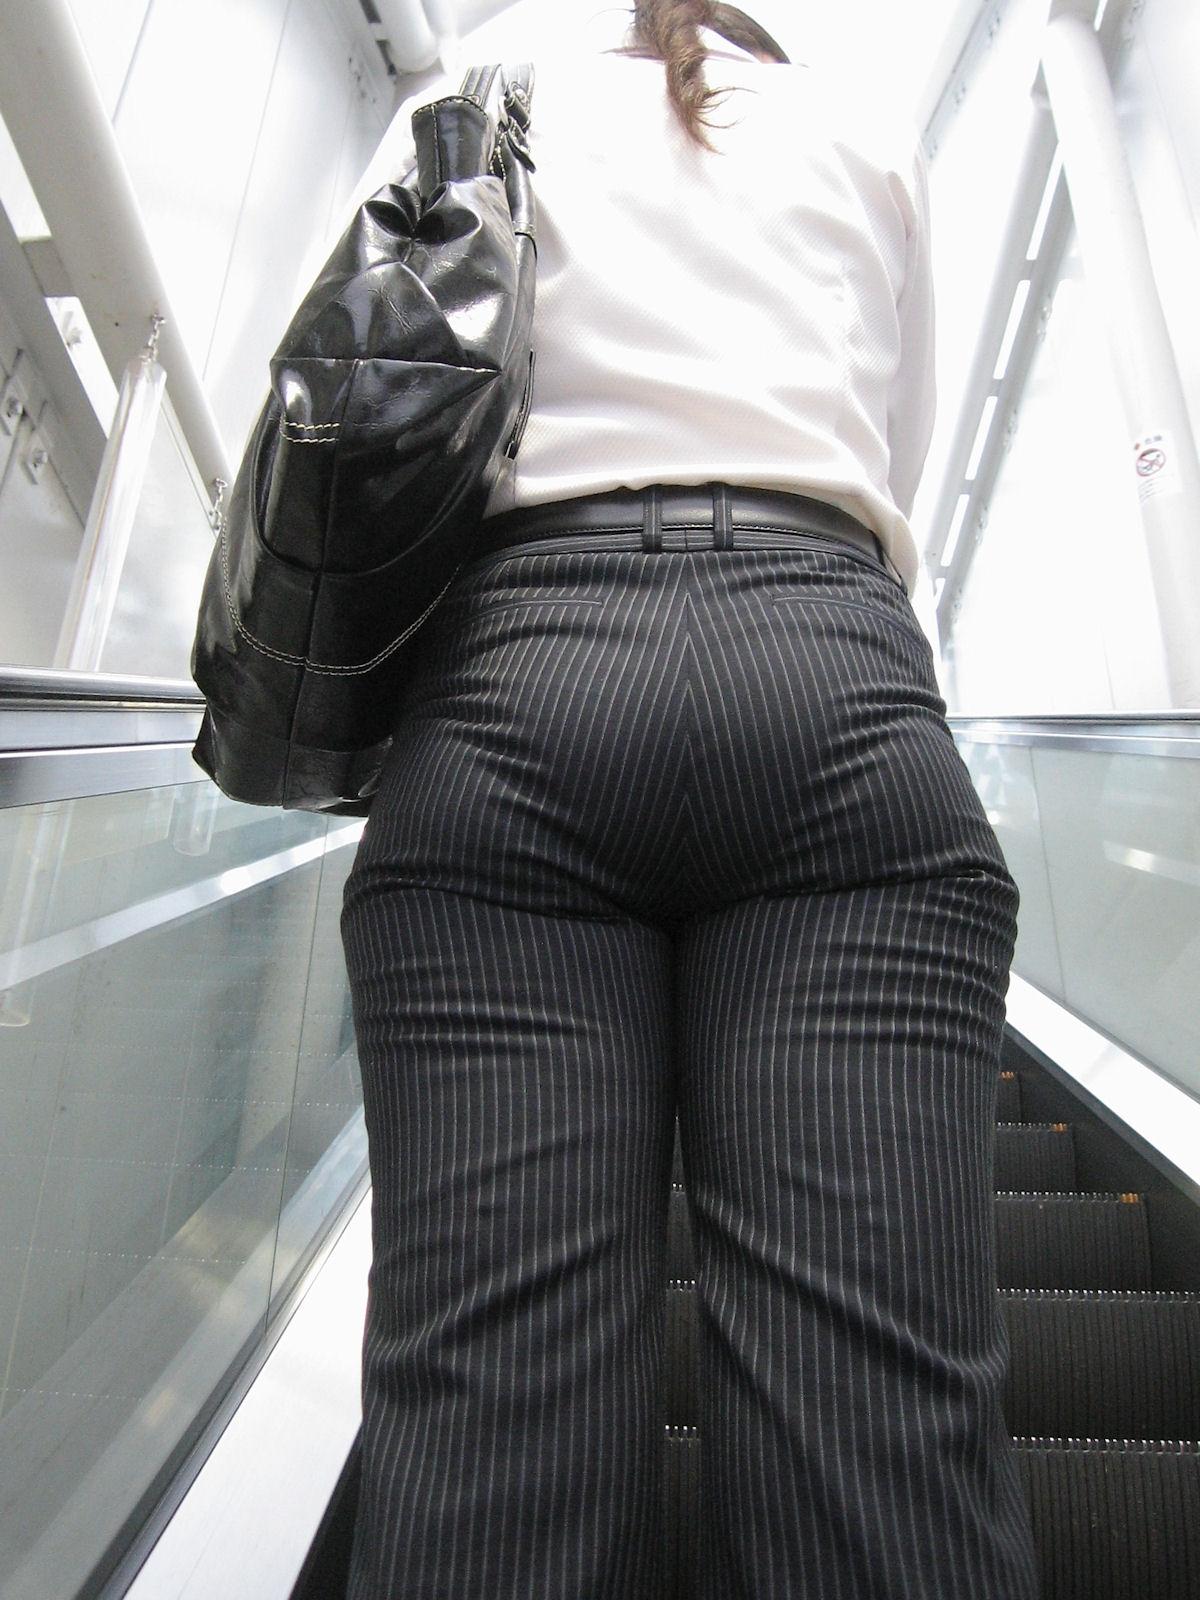 OLがエレベーターを待つパンティライン盗撮エロ画像5枚目